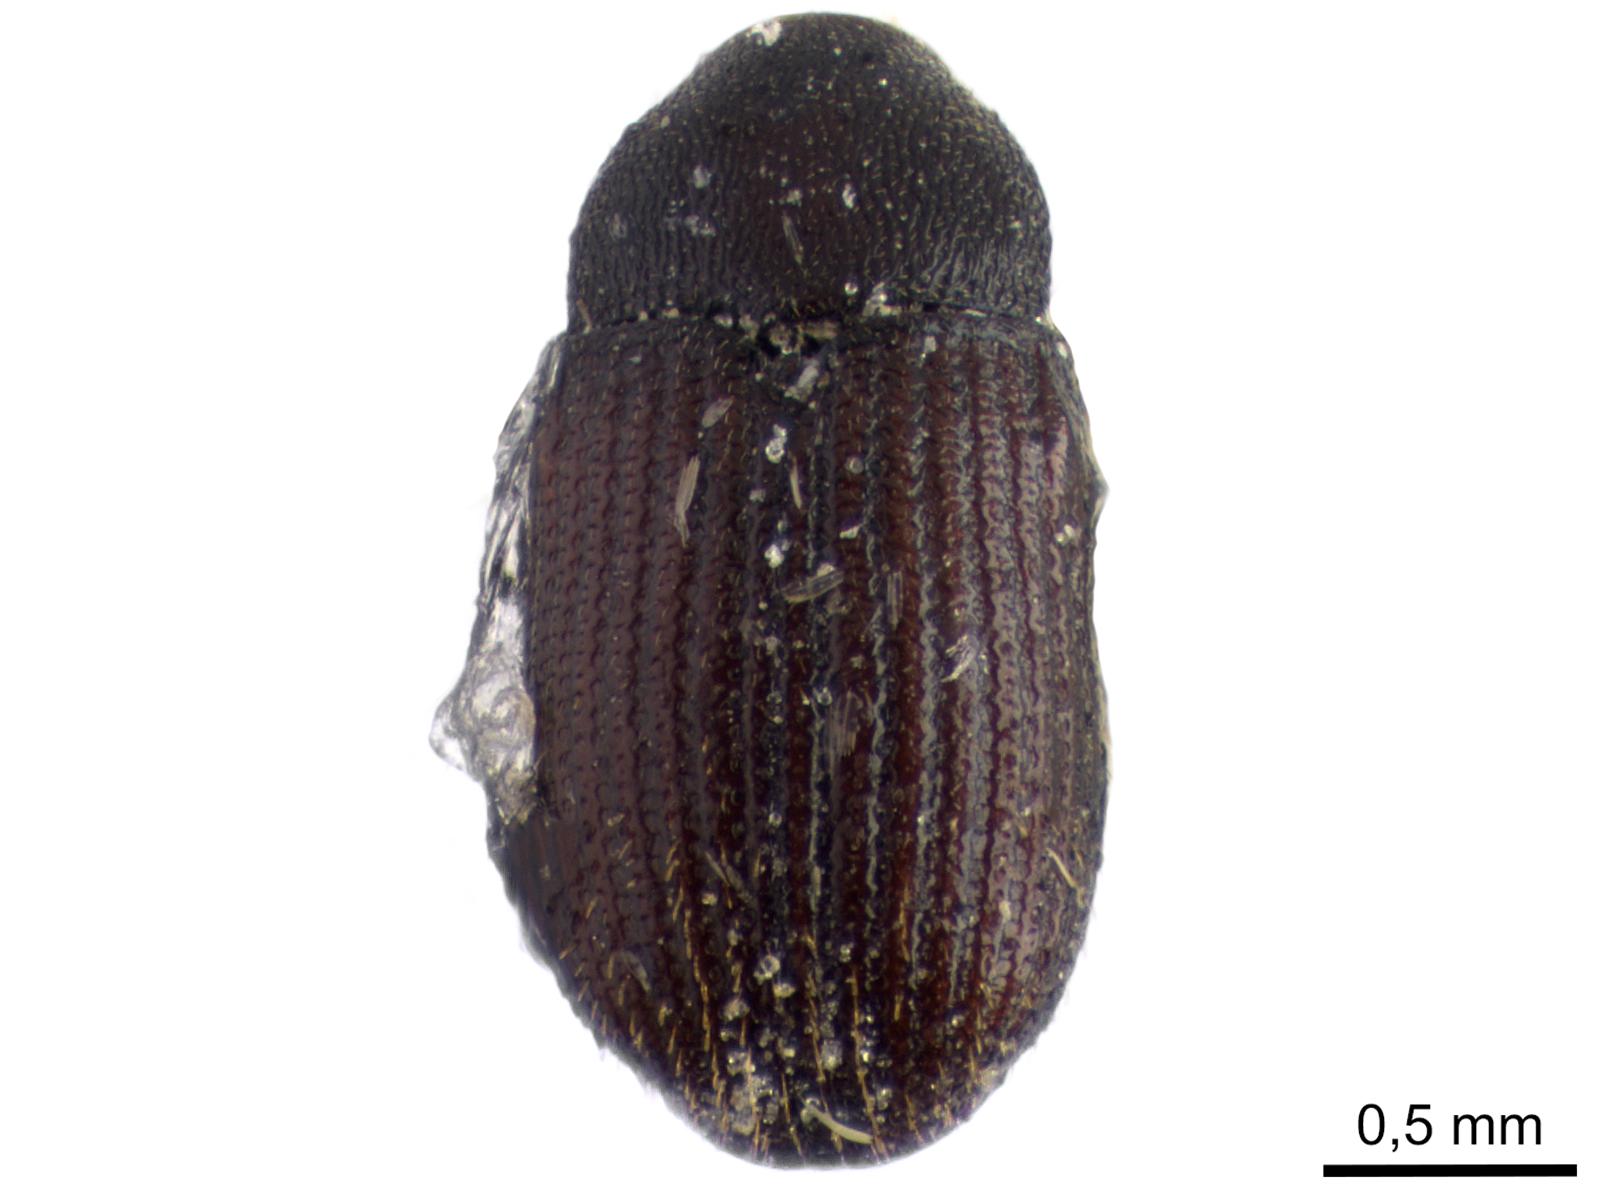 Stegobium paniceum (Linnaeus, 1758)